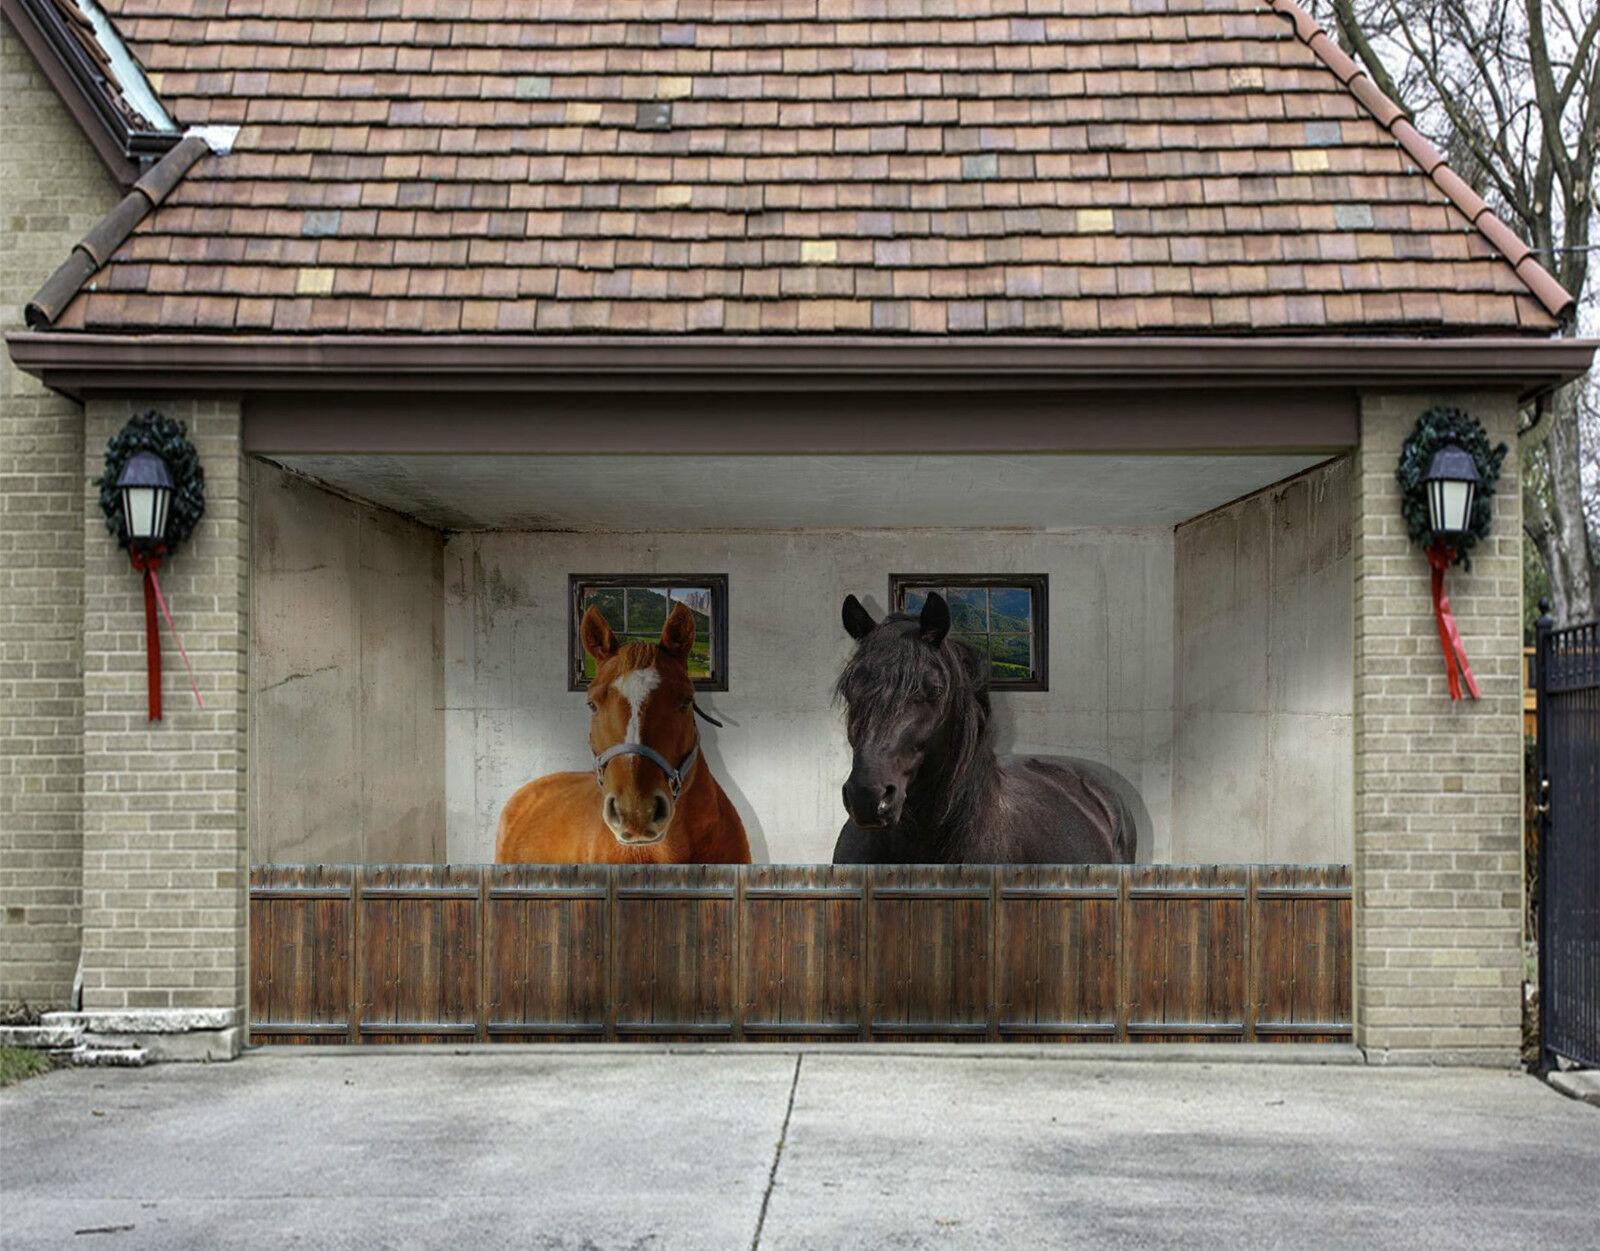 3D Pferd Haus 07 Garage Door Murals Wall Print Decal Wall Deco AJ WALLPAPER DE